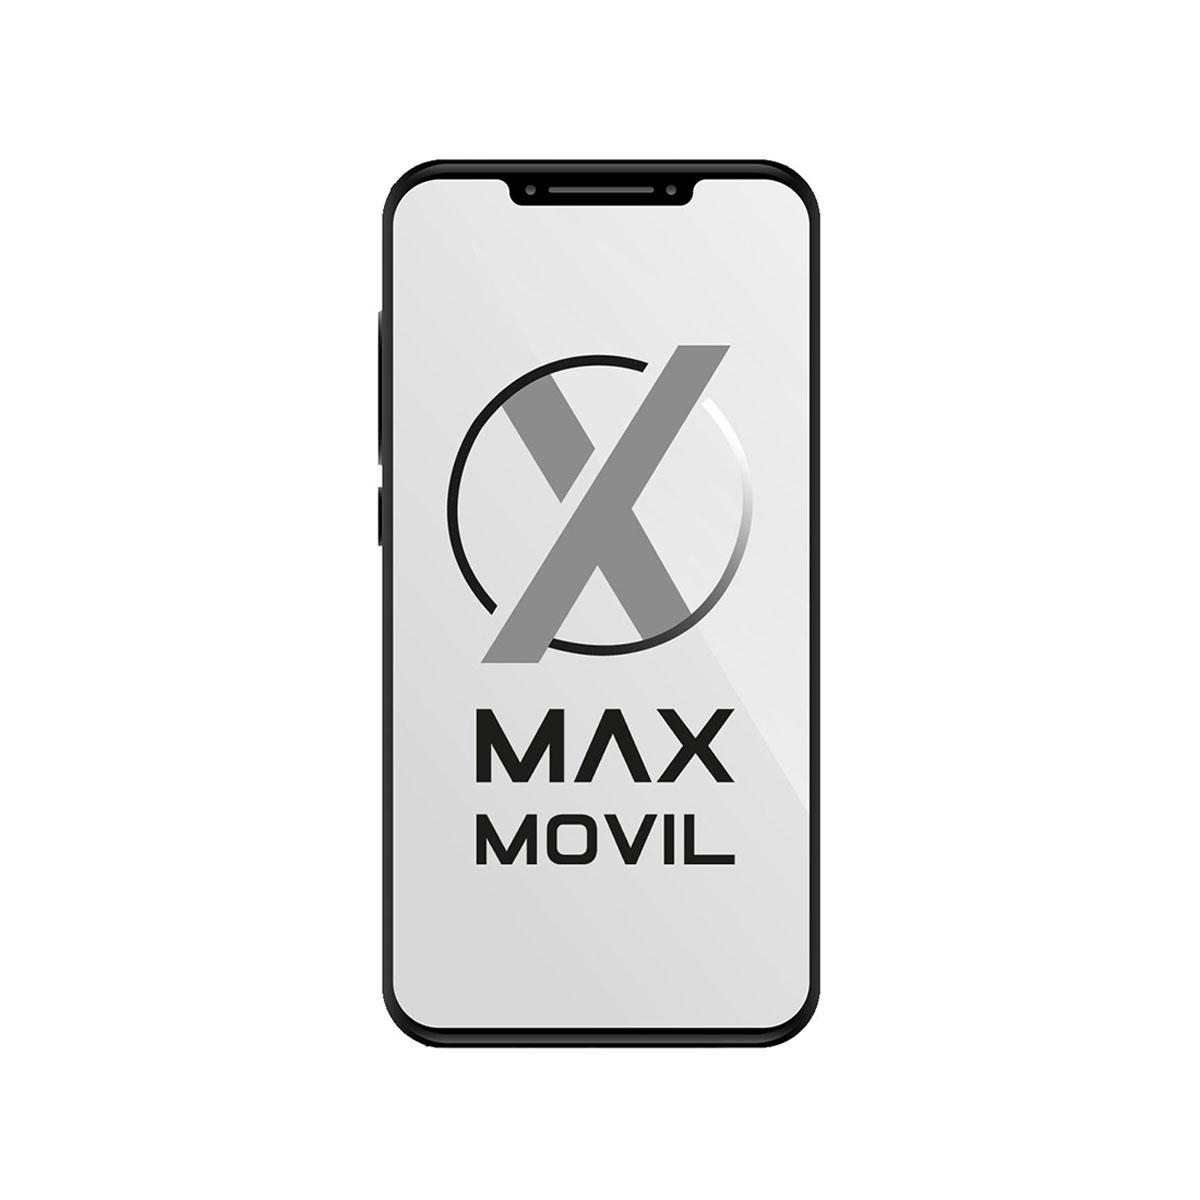 Tapa de batería negra para iPhone 5/5s